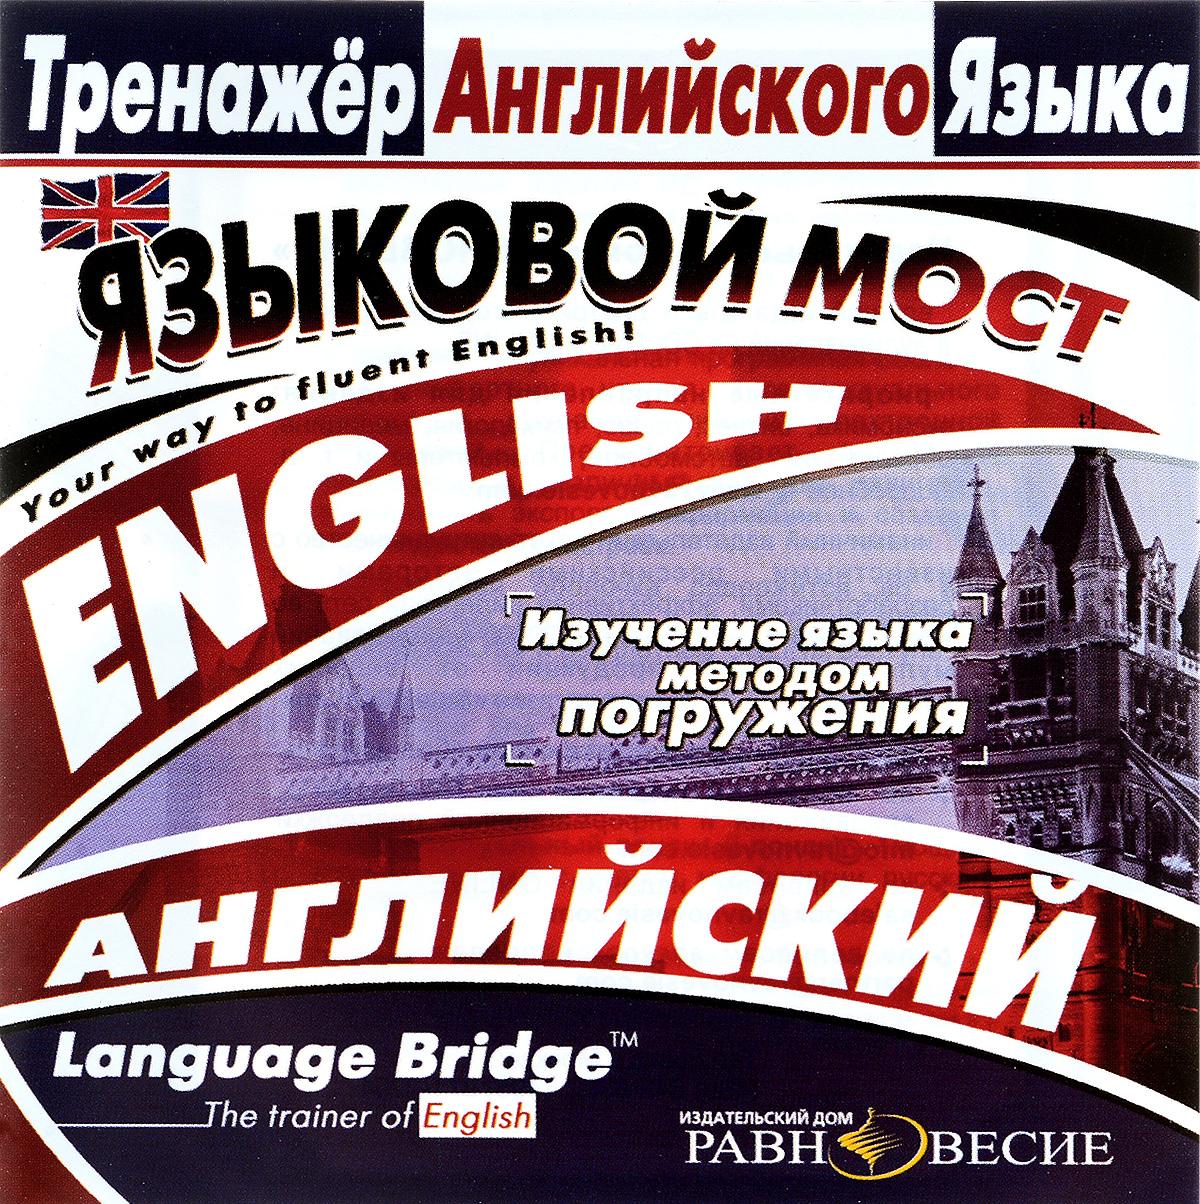 Тренажер английского языка. Языковой мост